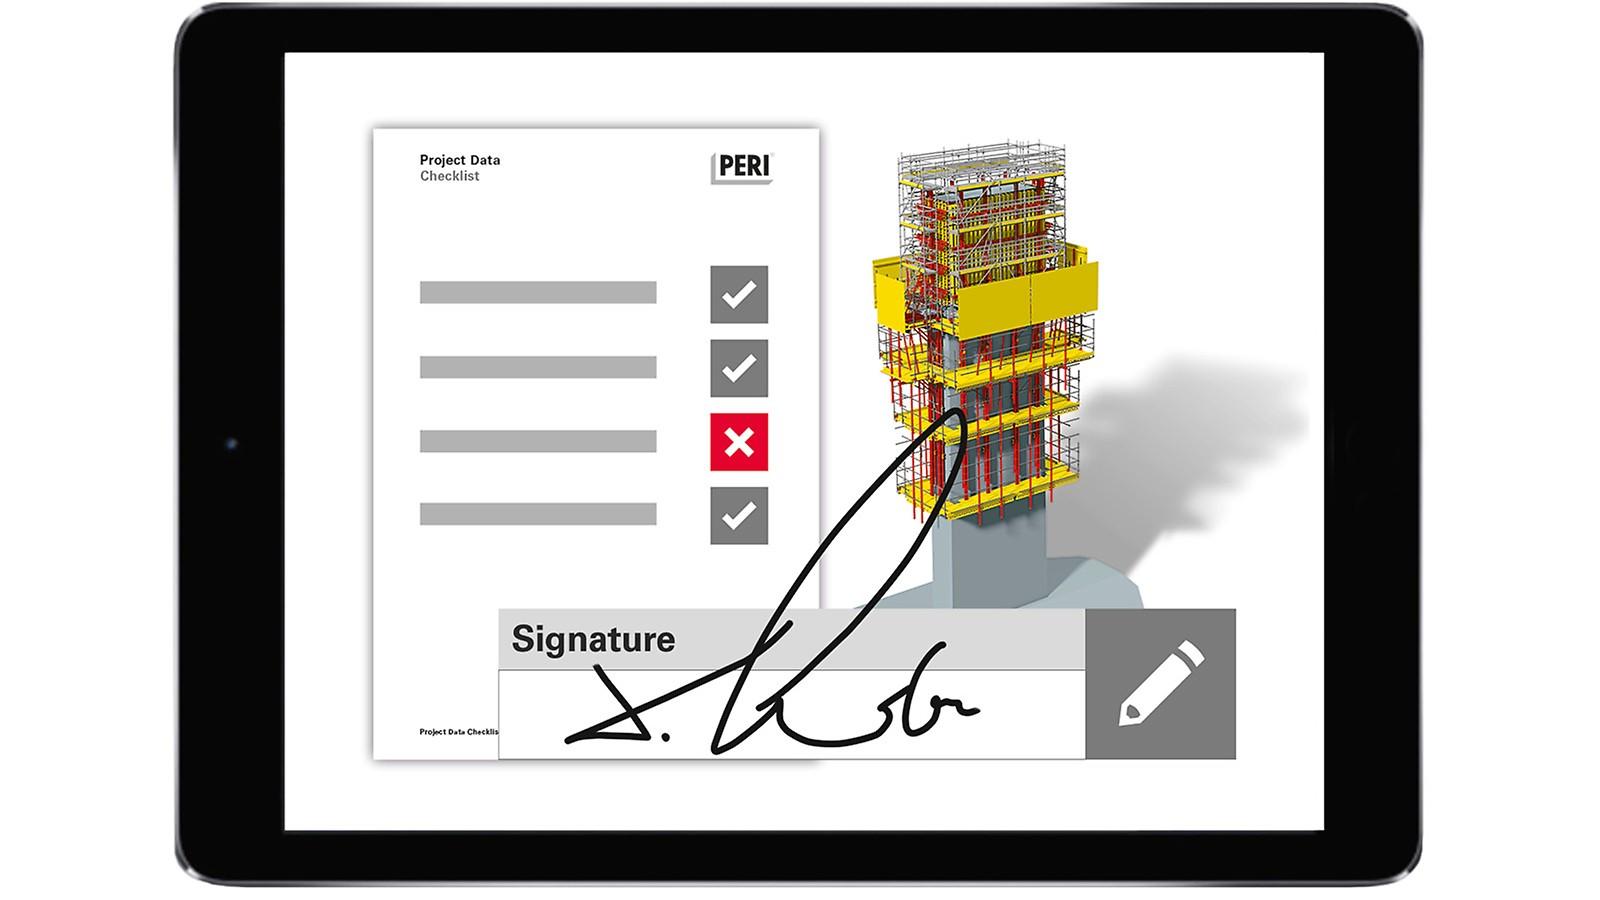 Checklisten für zuvor definierte Arbeitsabläufe sorgen für eine einwandfreie, digitale Dokumentation – direkt verknüpft mit dem zugehörigen Schalungsmodell.